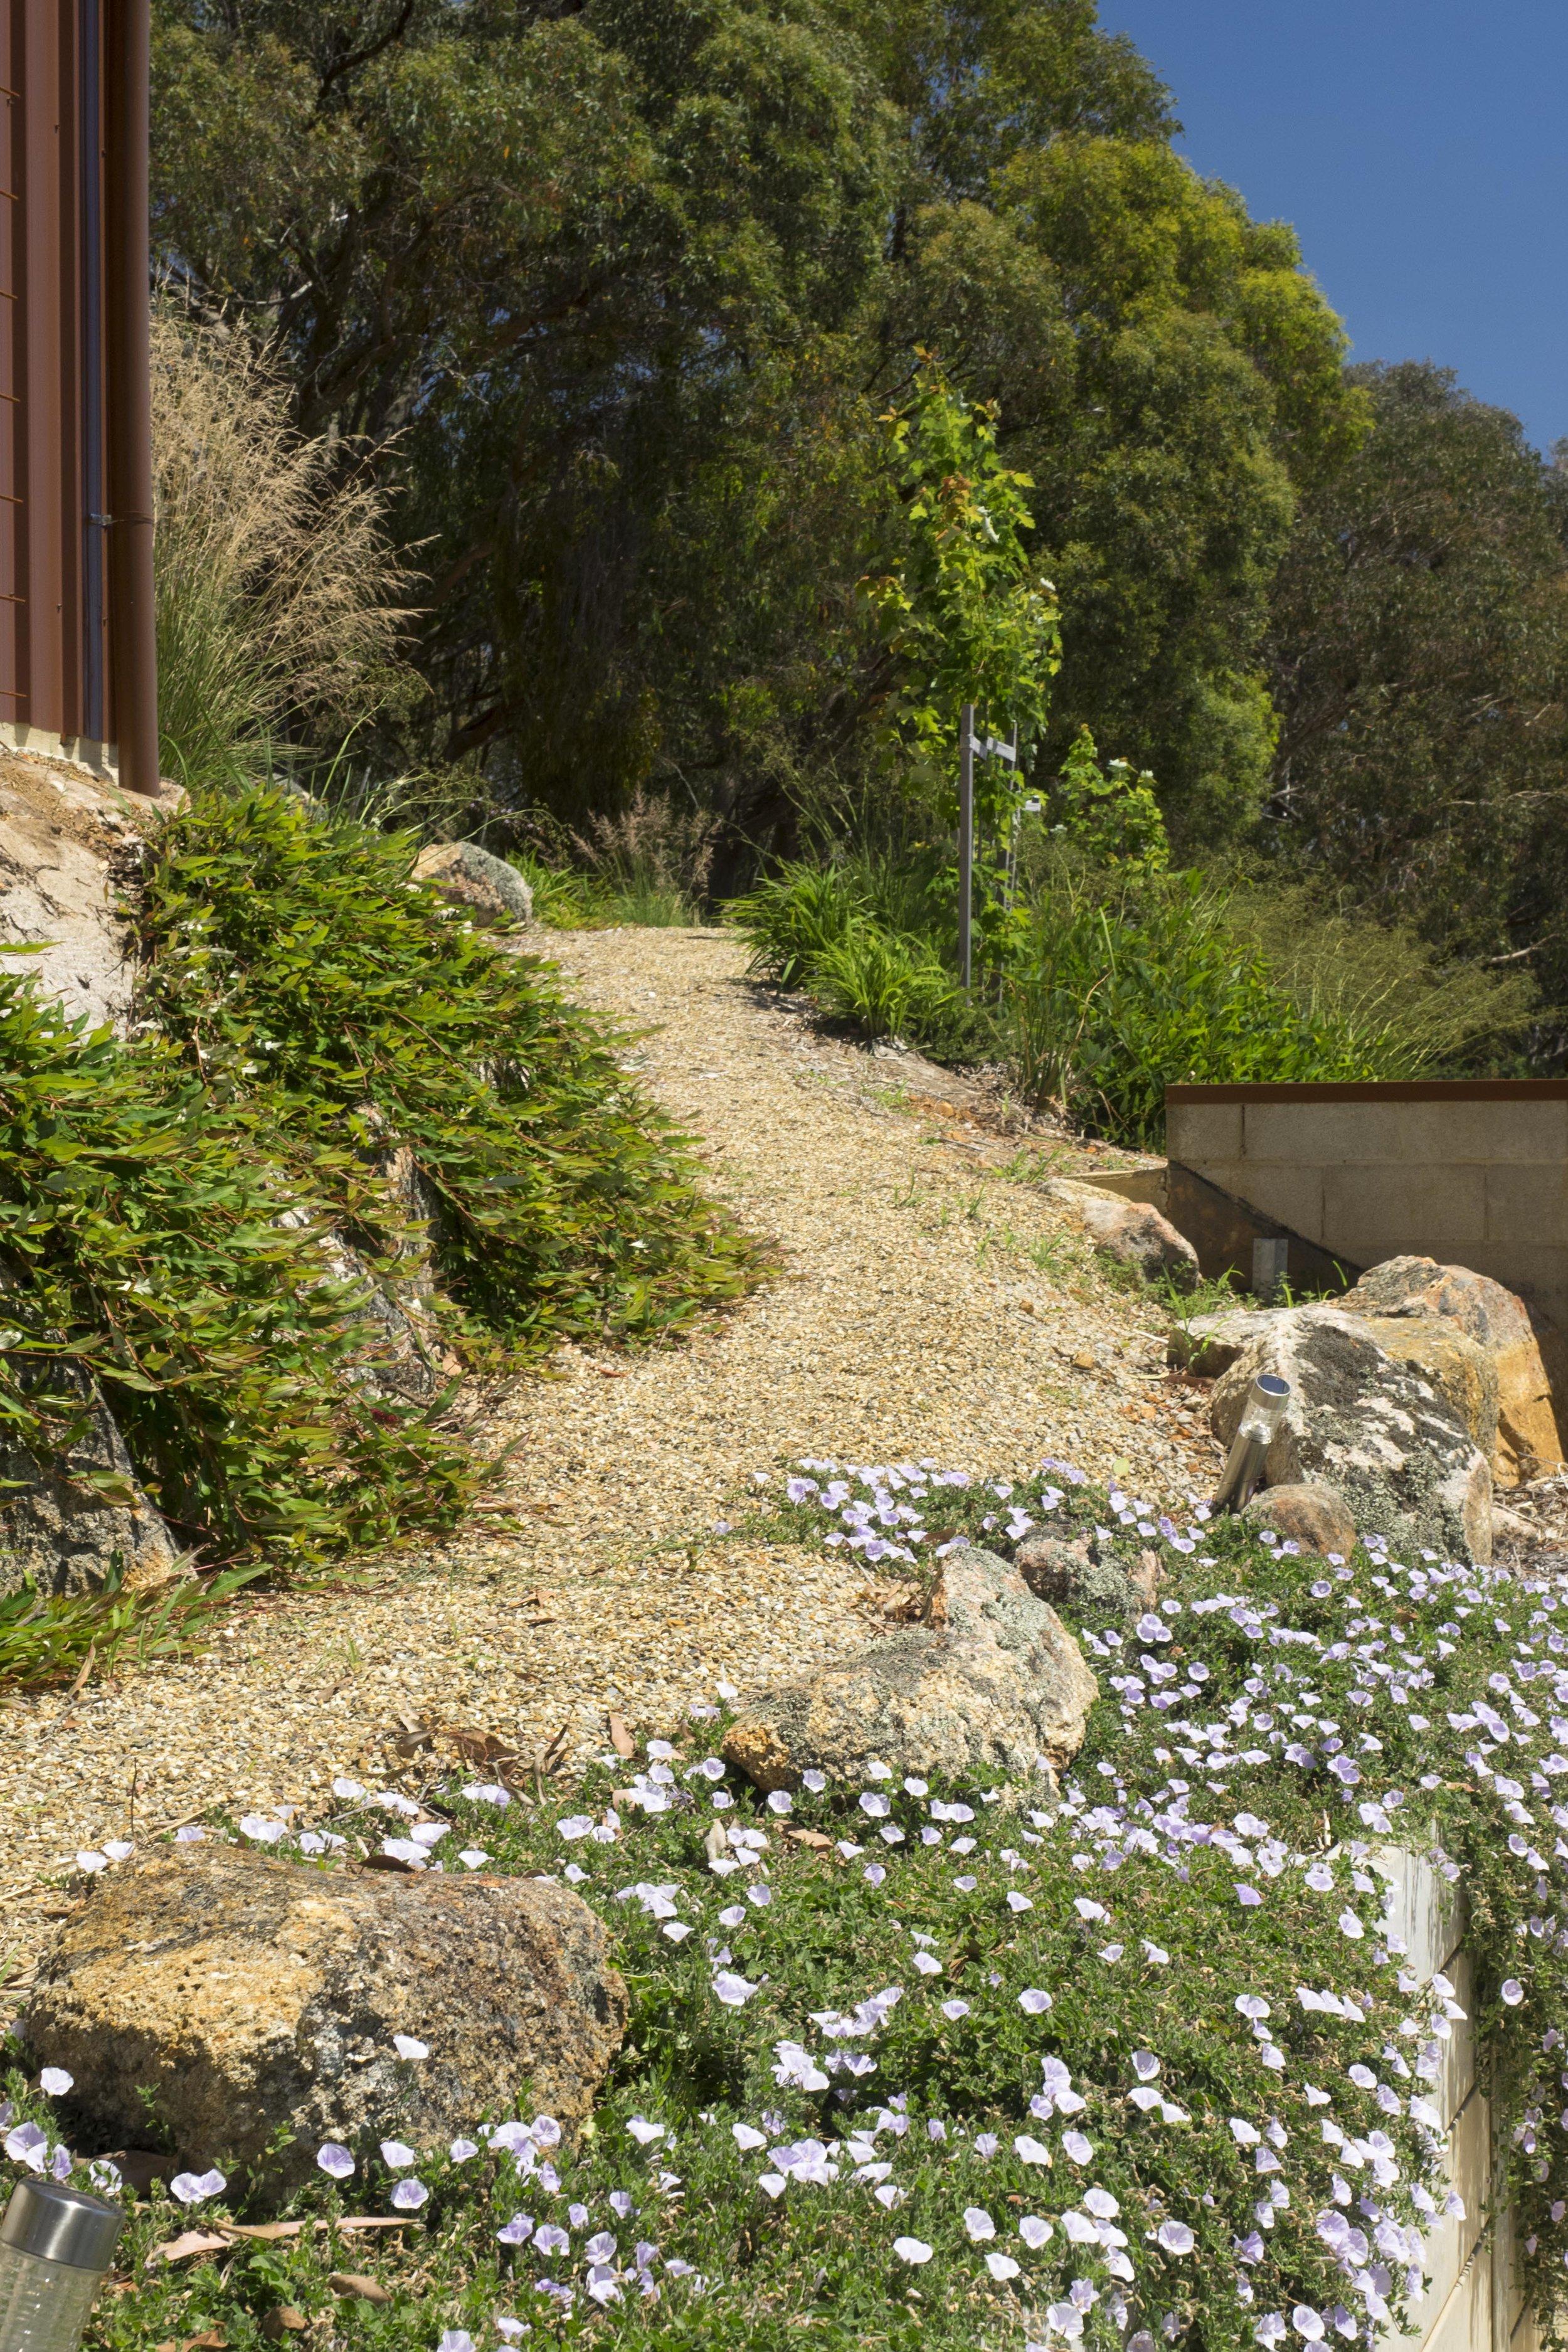 Somewhere Landscape Architect_Garden #12 (11).jpg